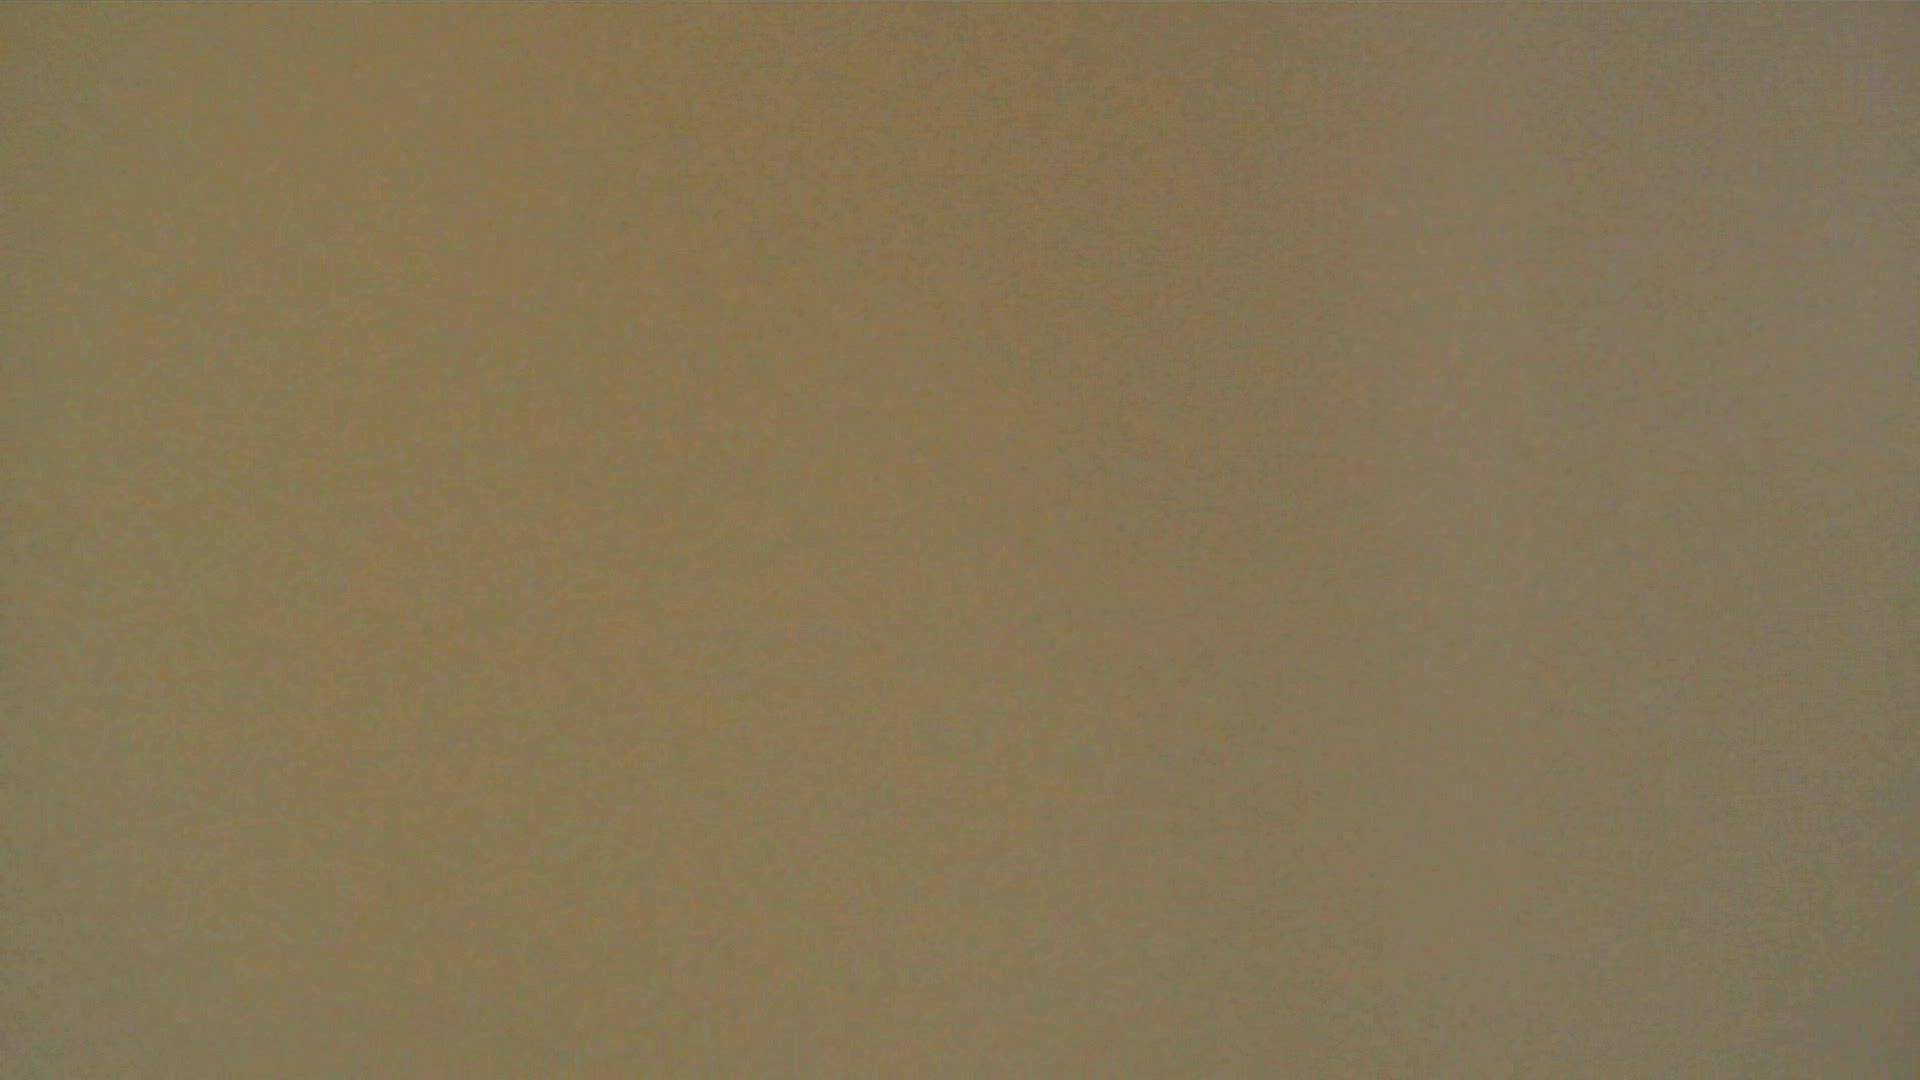 お市さんの「お尻丸出しジャンボリー」No.2 ギャル攻め エロ無料画像 109画像 16